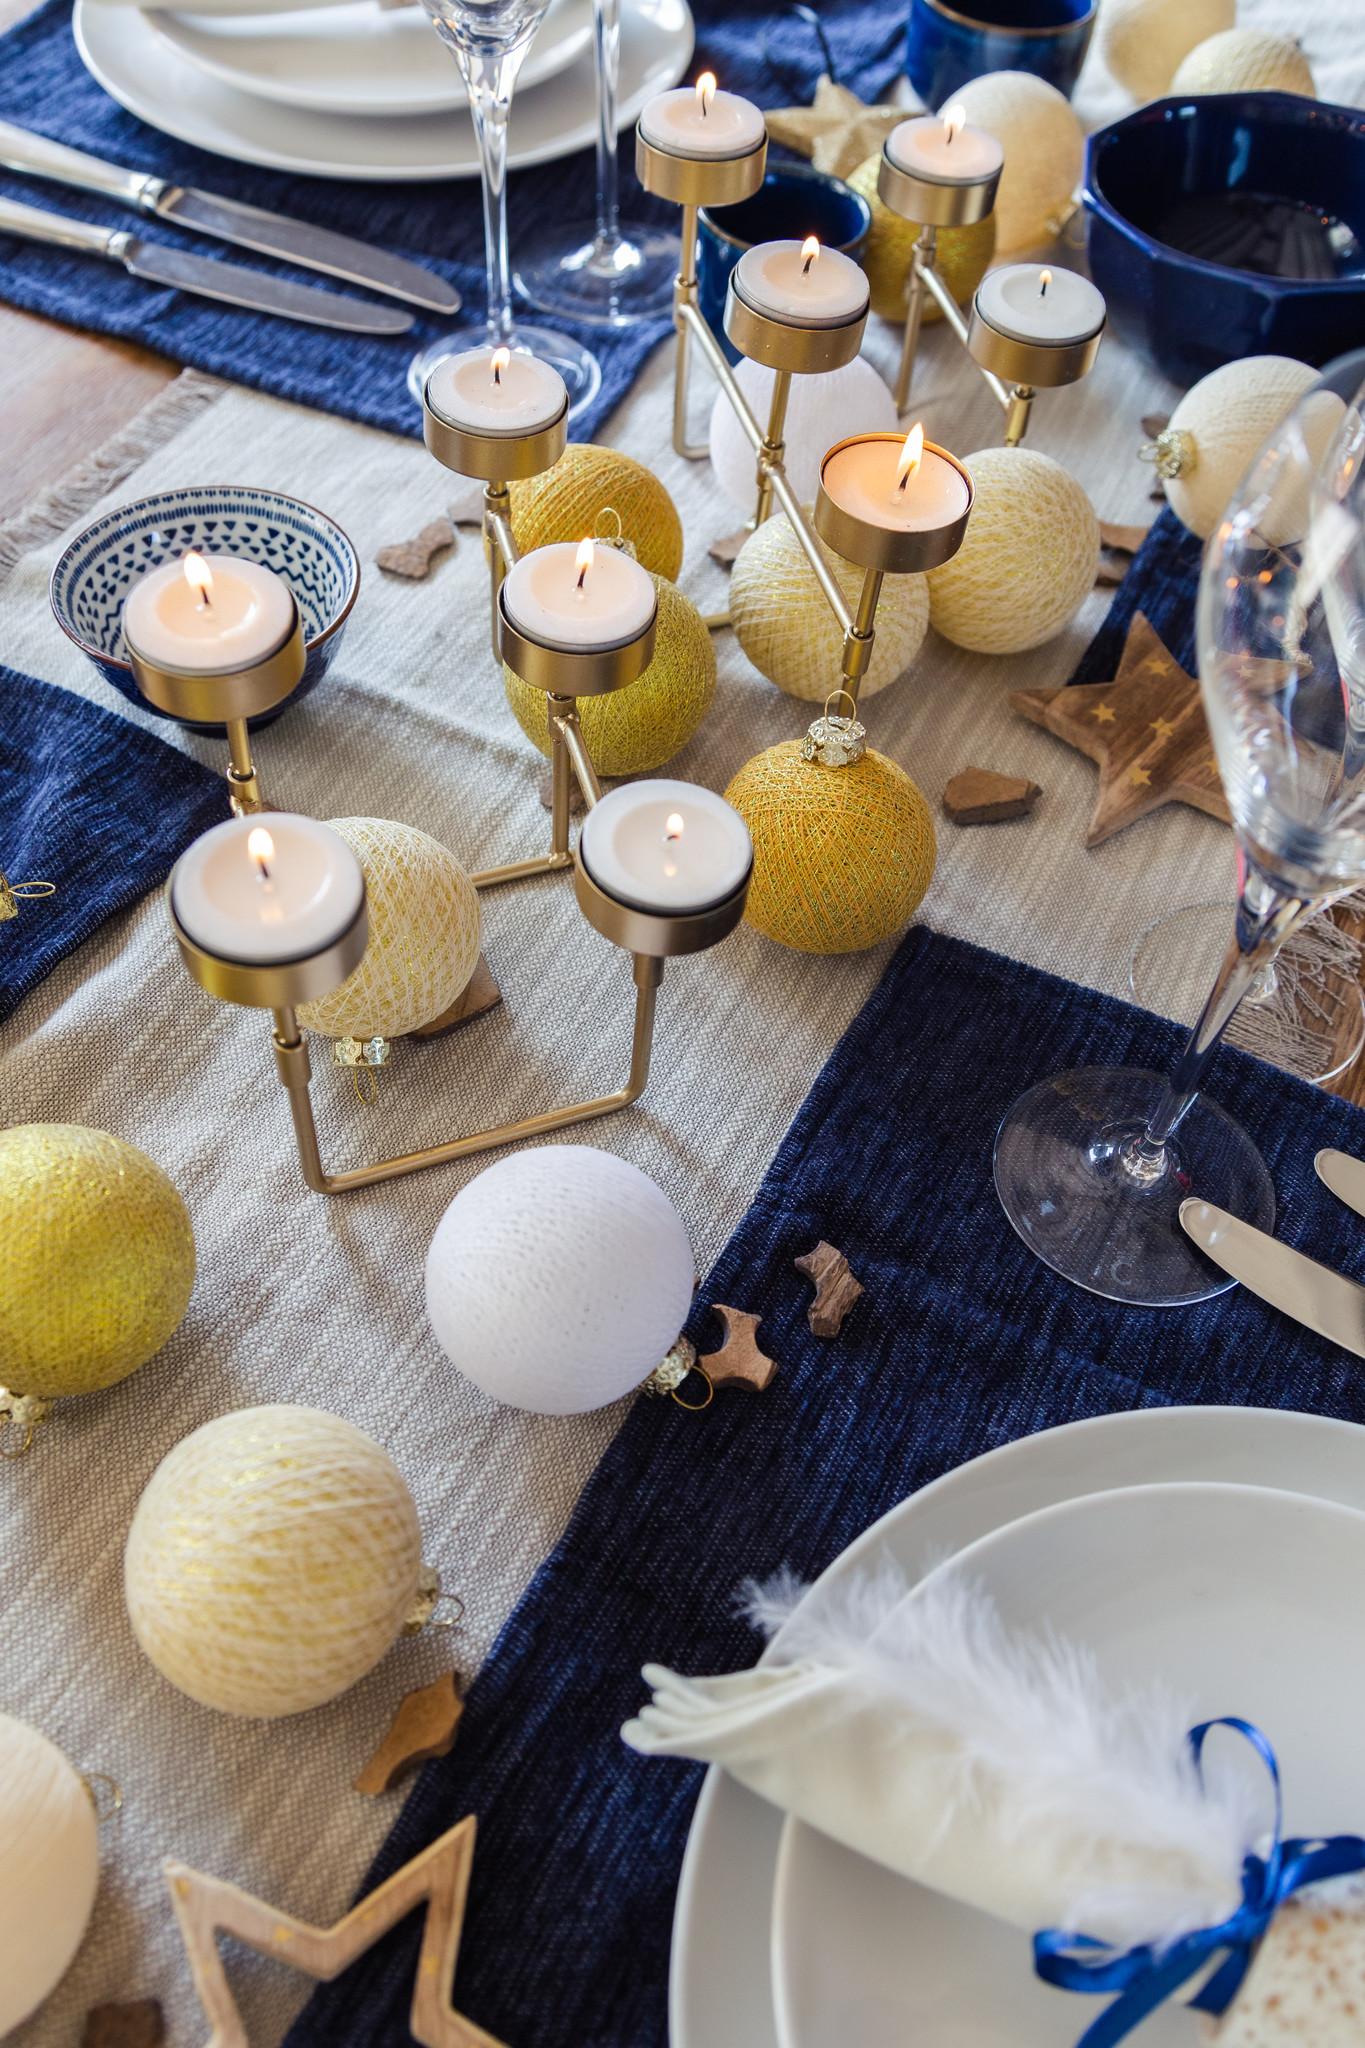 Wie man während der Feiertage einen gemütlichen Tisch decken kann.